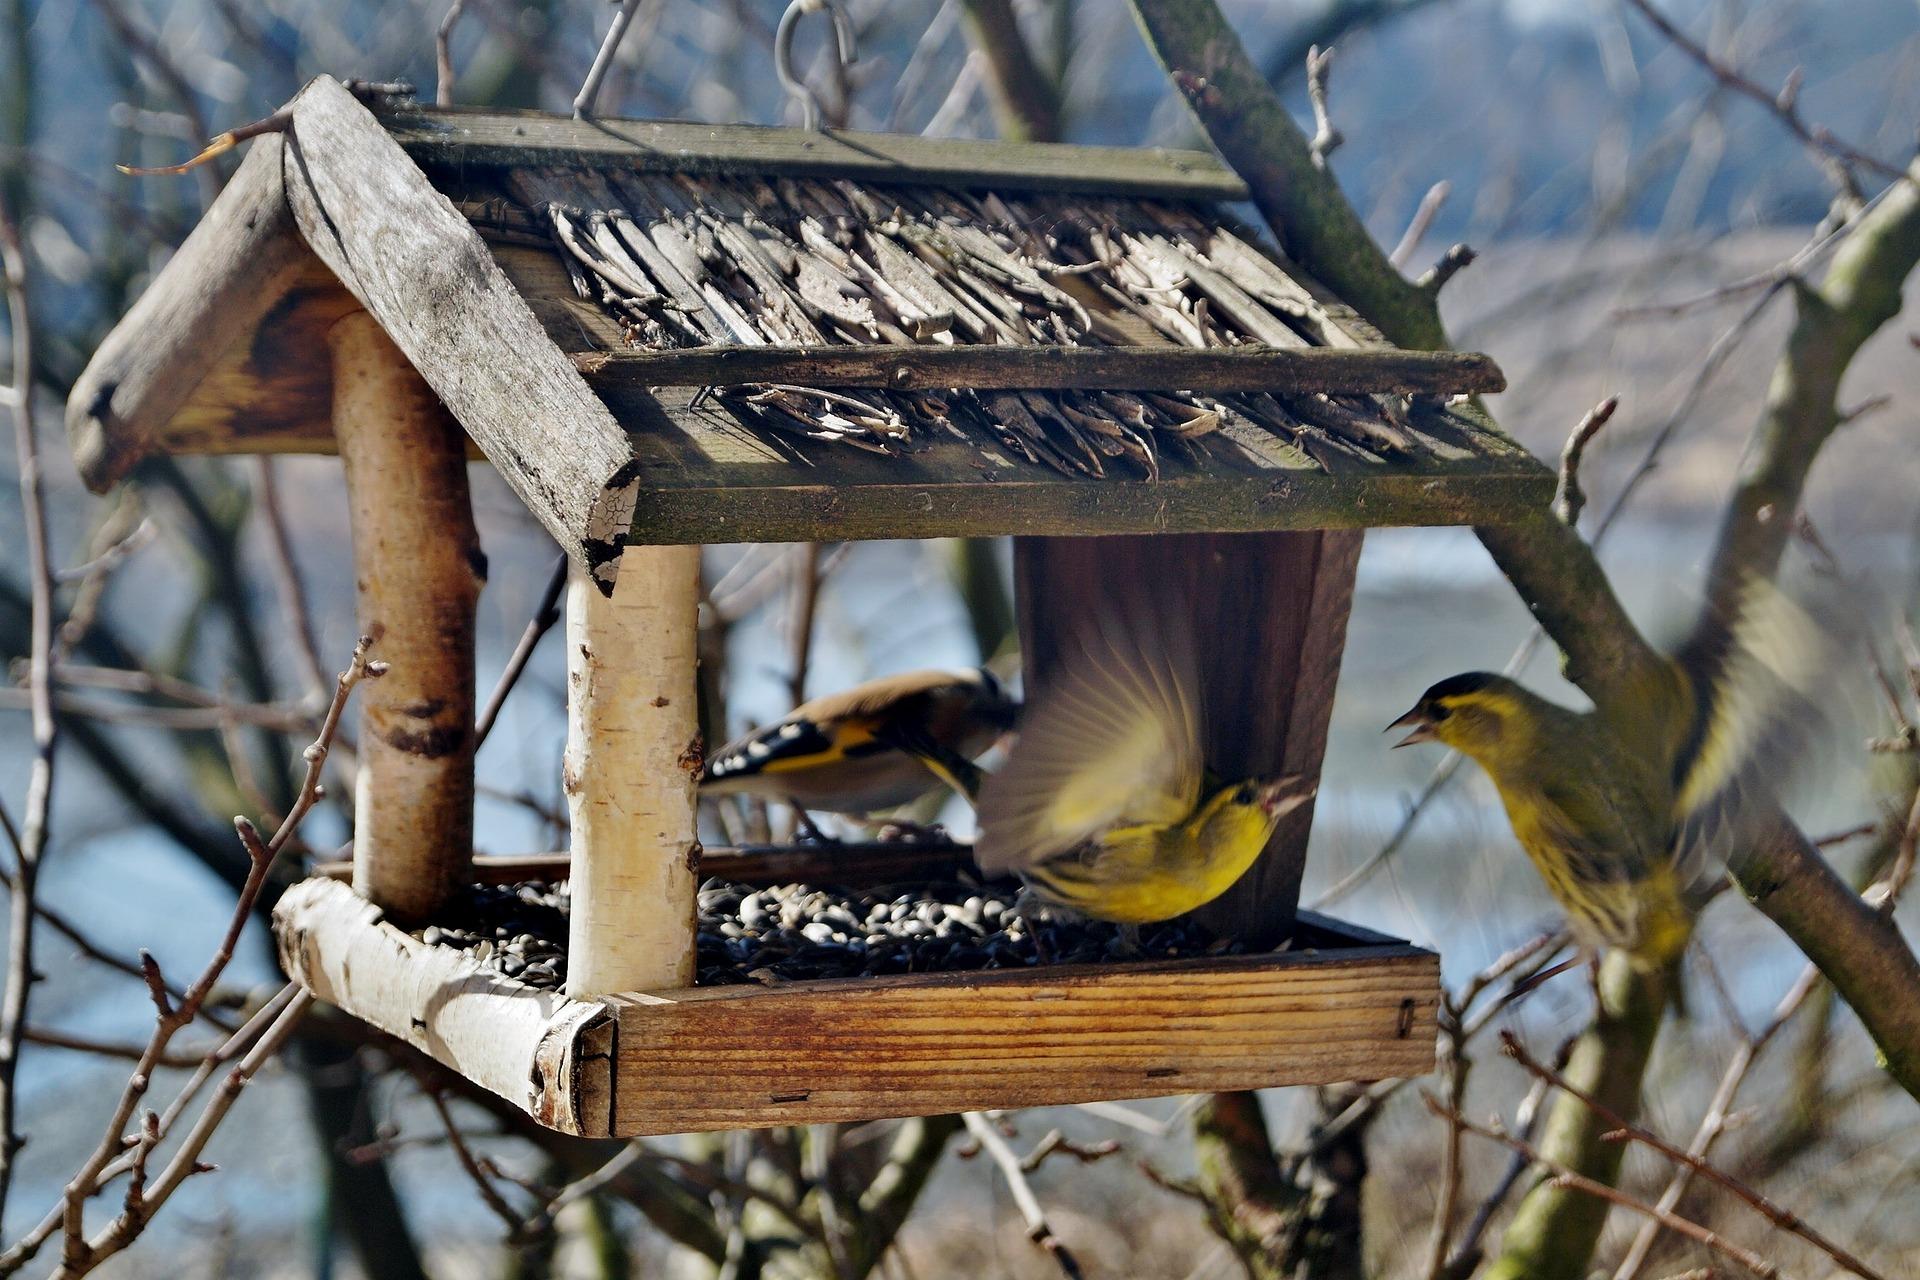 сознания картинки птичьих кормушек авторы